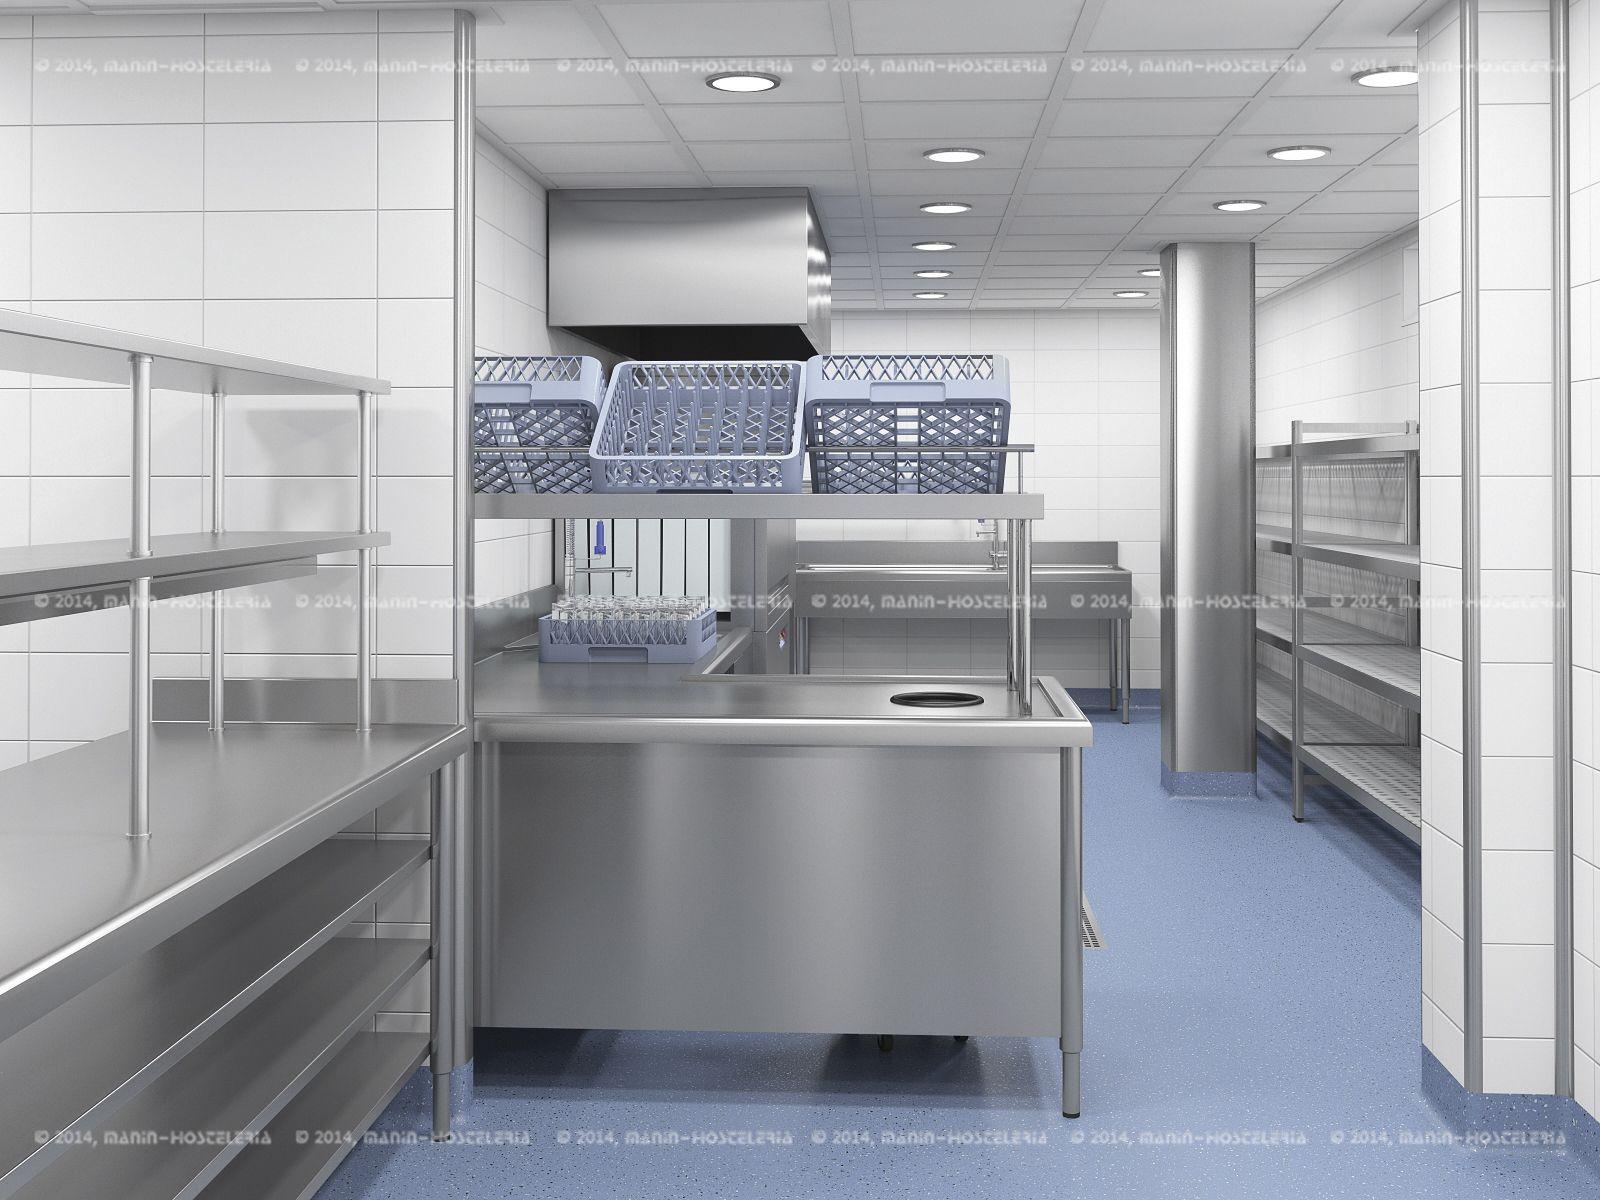 diseño de cocina industrial en # 3d y # cad con área de